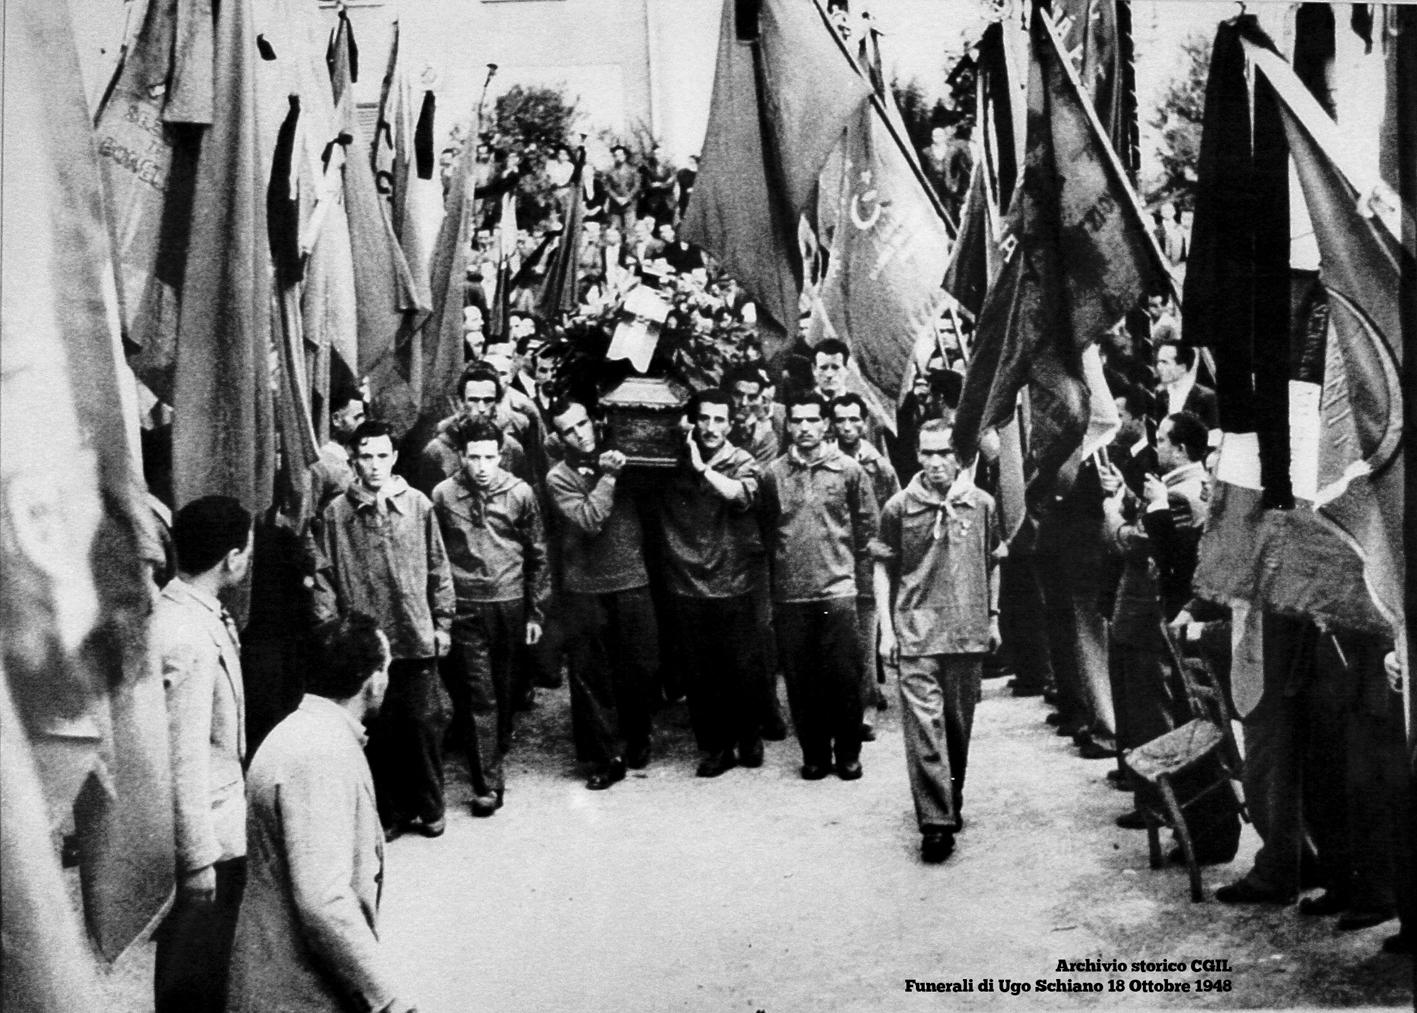 funerale Ugo Schiano copia